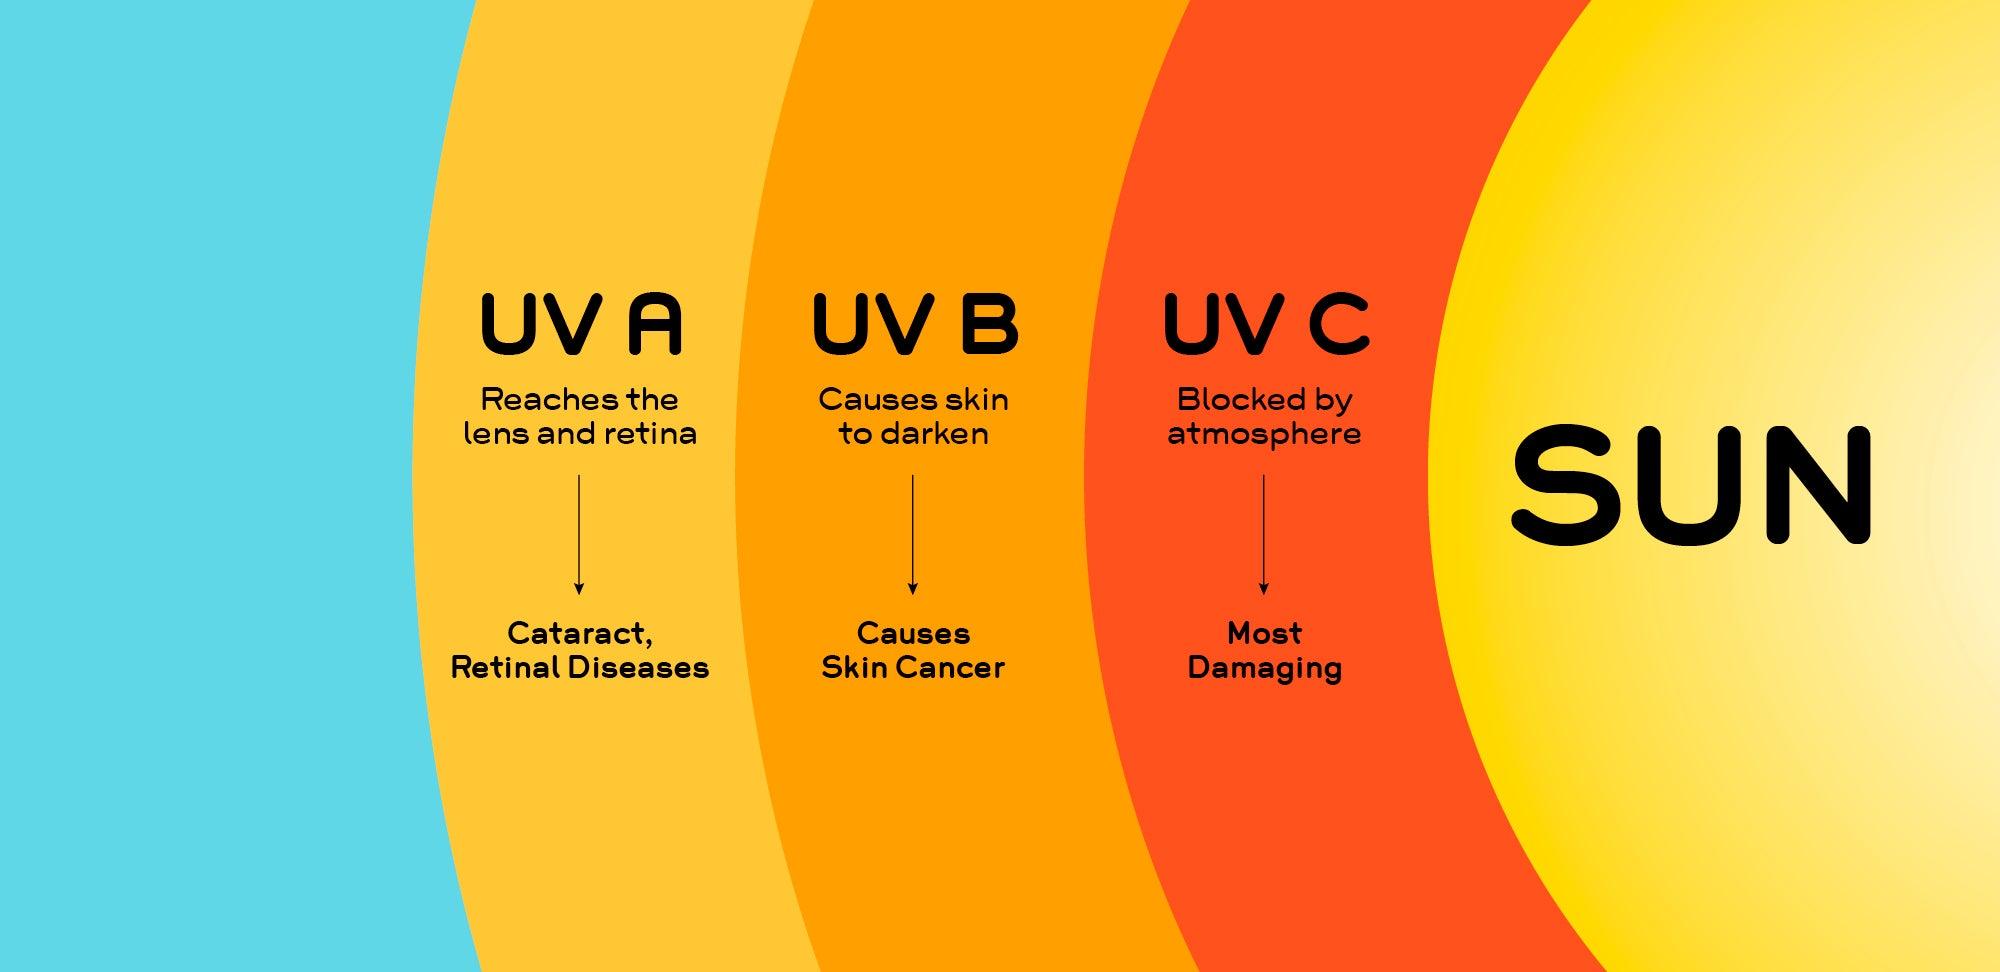 Three Types of UV Radiation